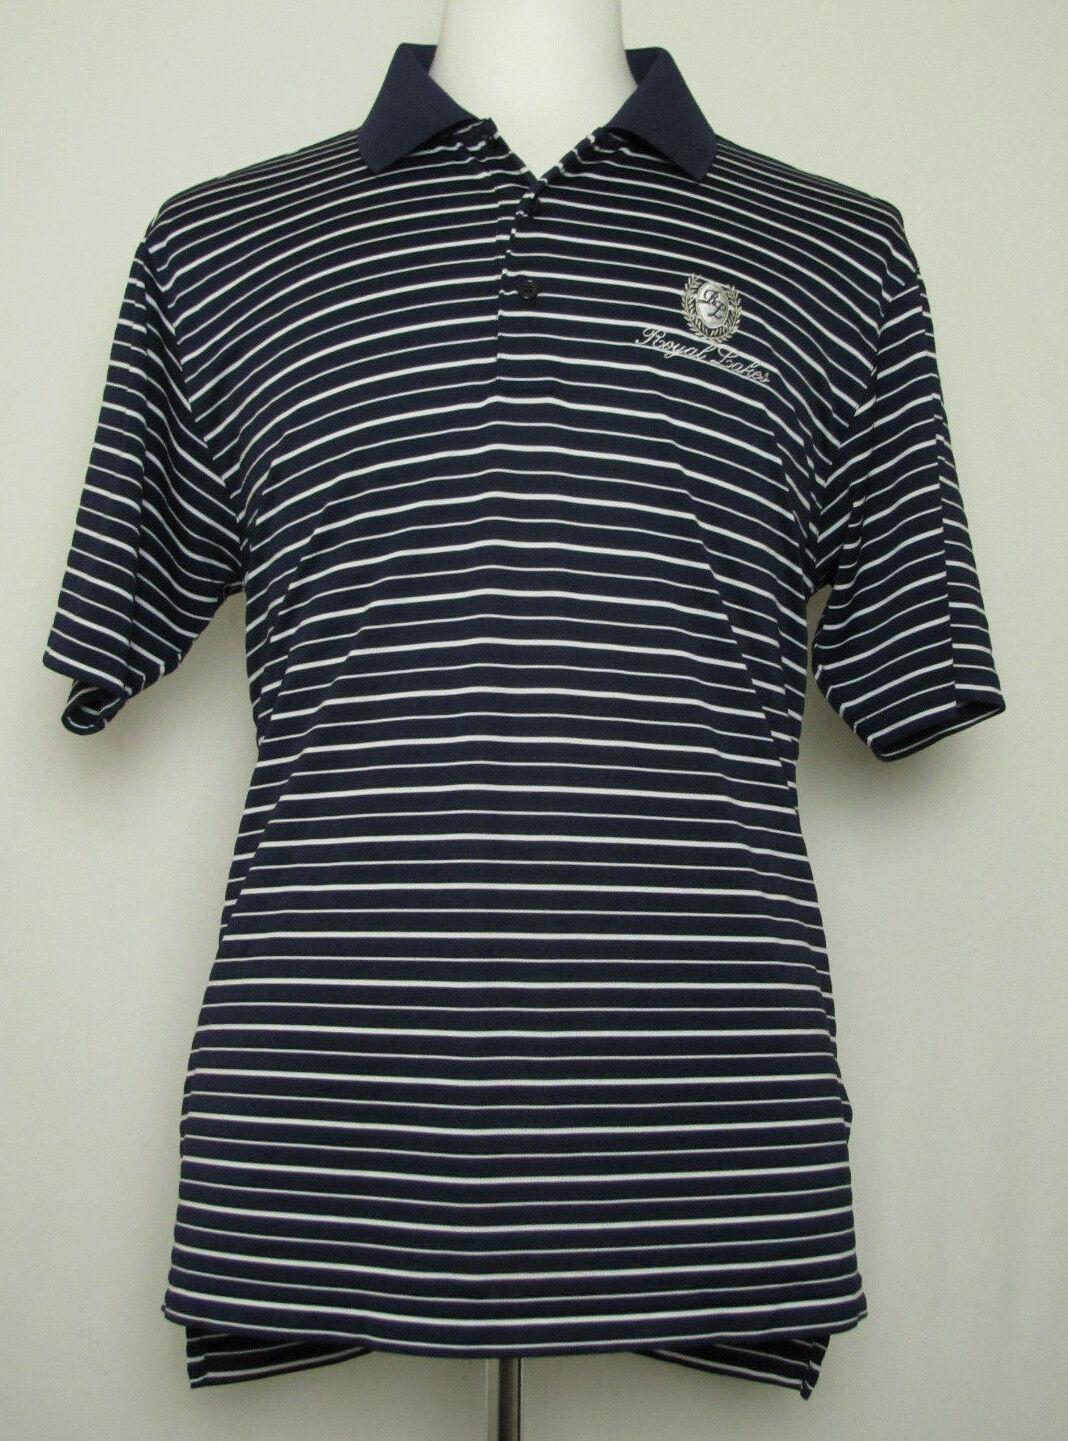 Adidas ClimaLite Mens Μαύρο Αιγέ Royal Λέικ Γκολφ Λέσχη Polo Shirt Medium